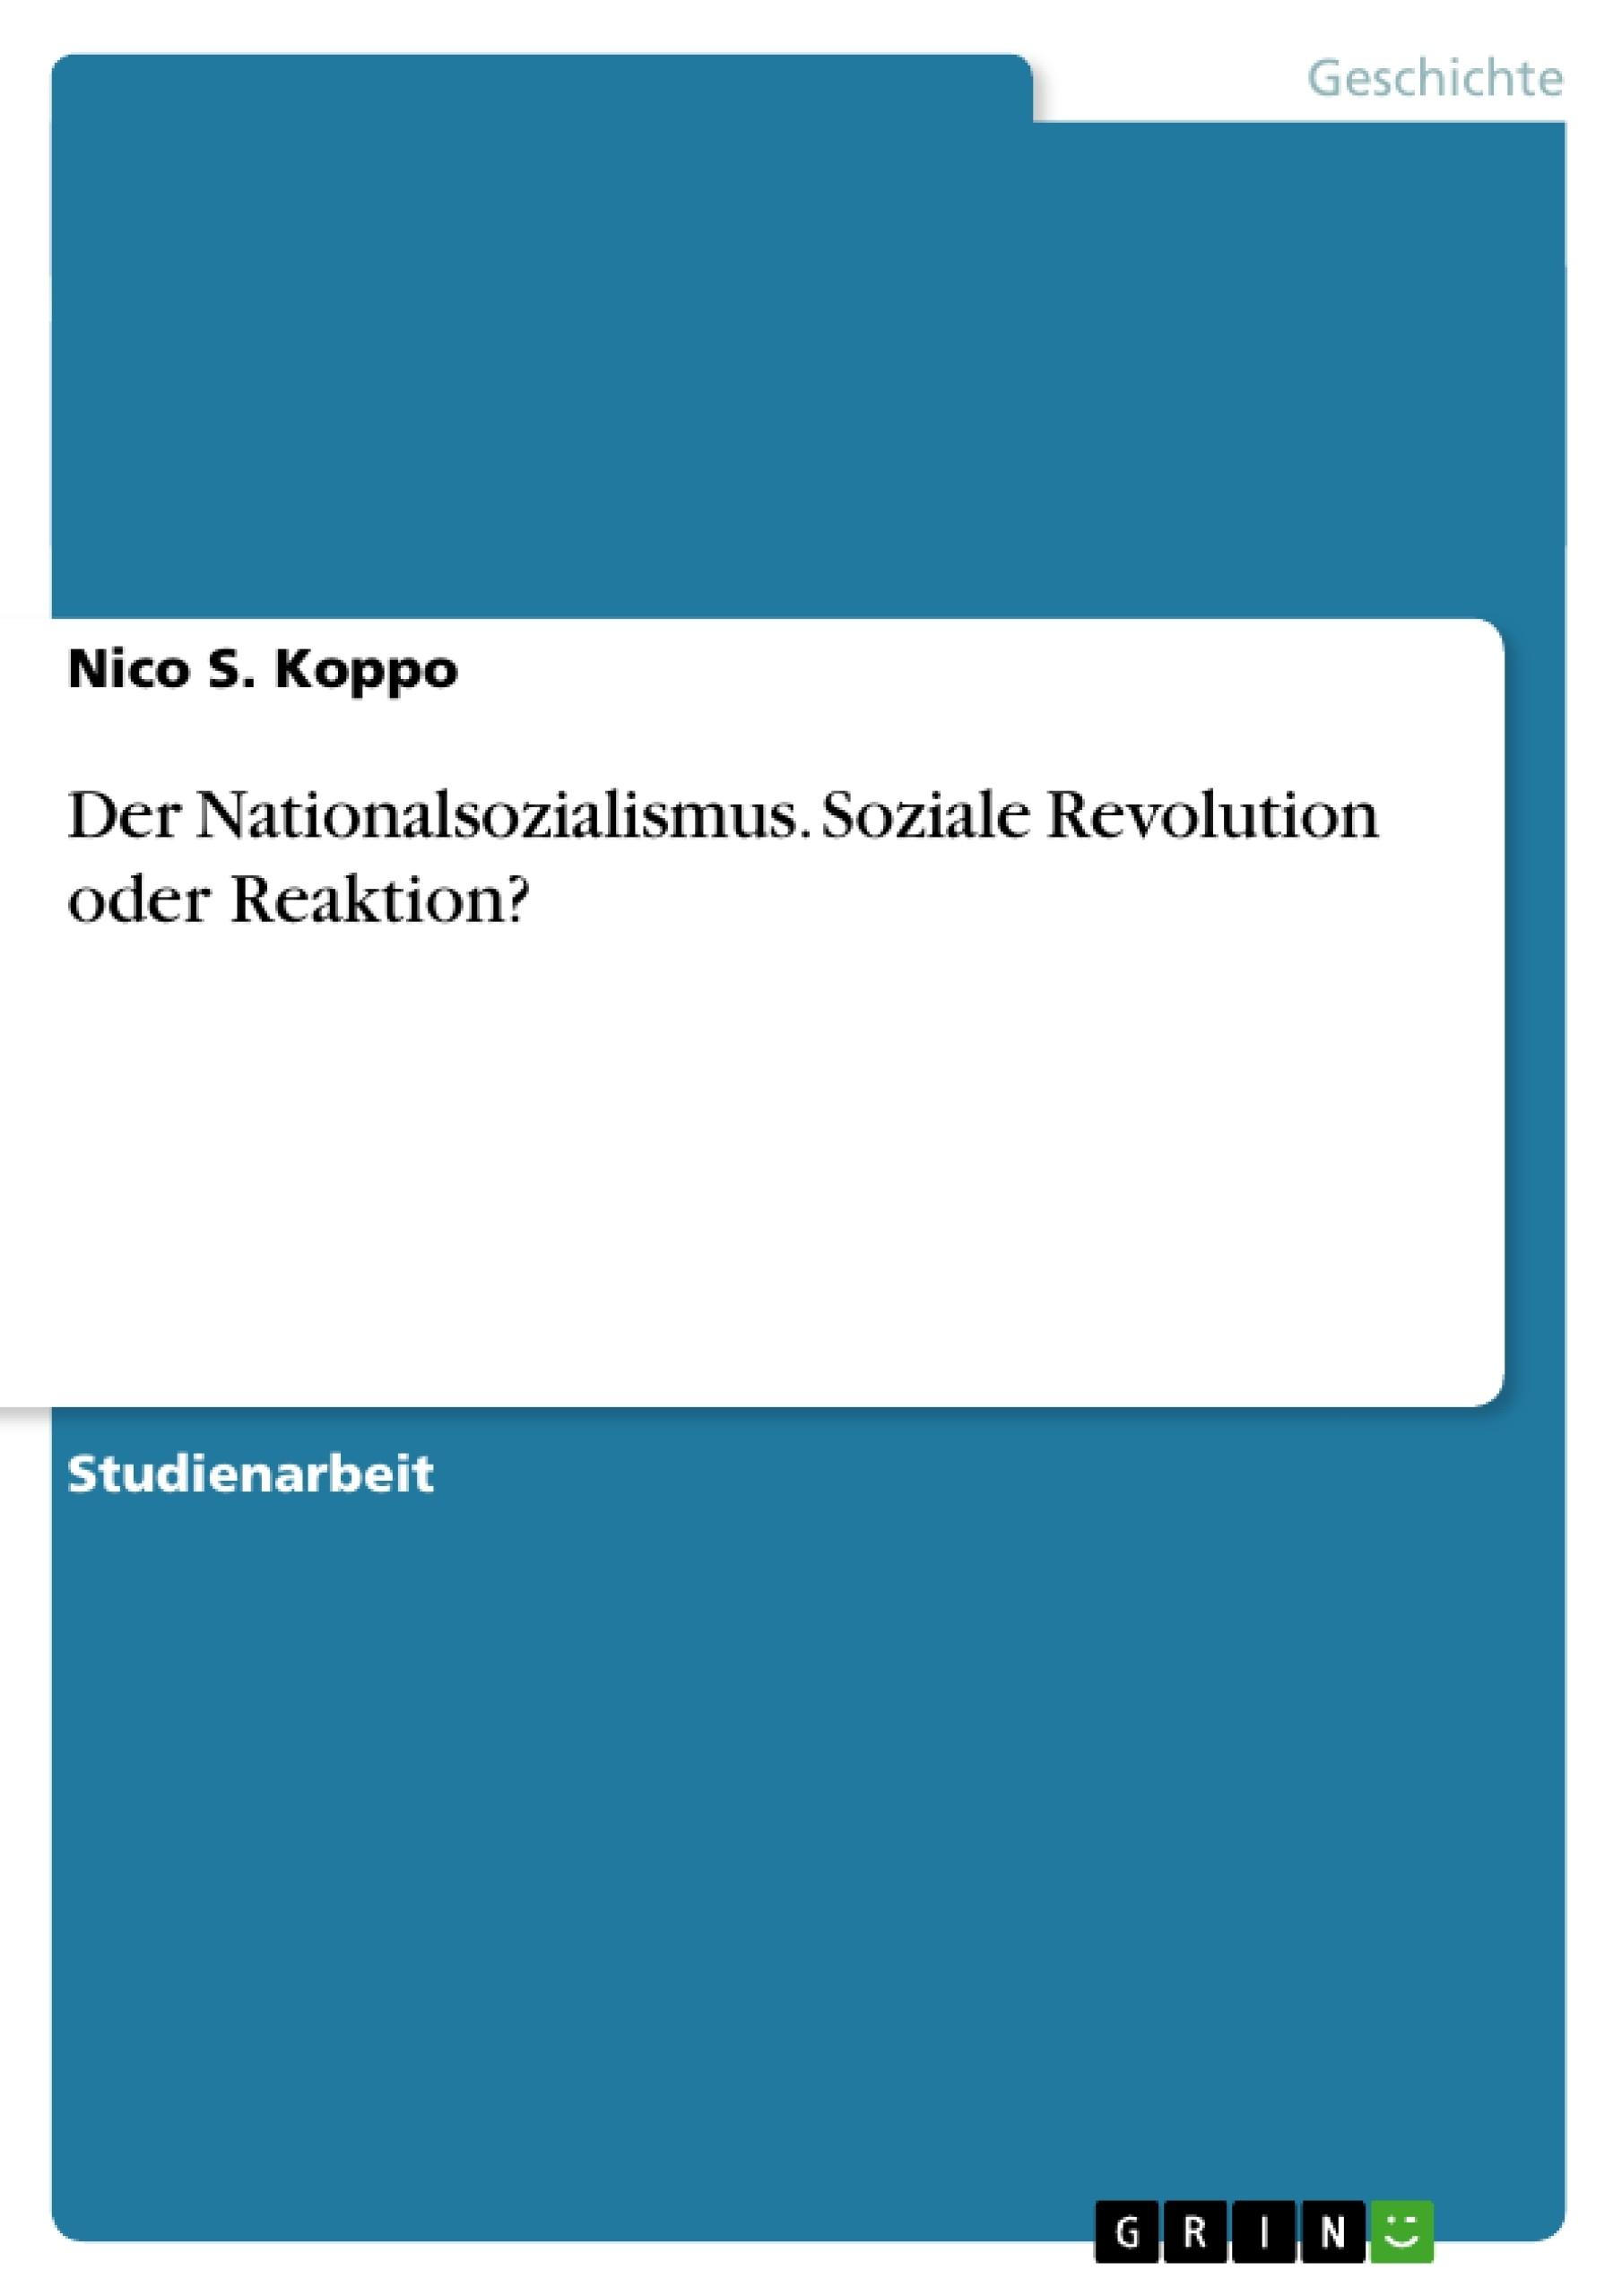 Titel: Der Nationalsozialismus. Soziale Revolution oder Reaktion?